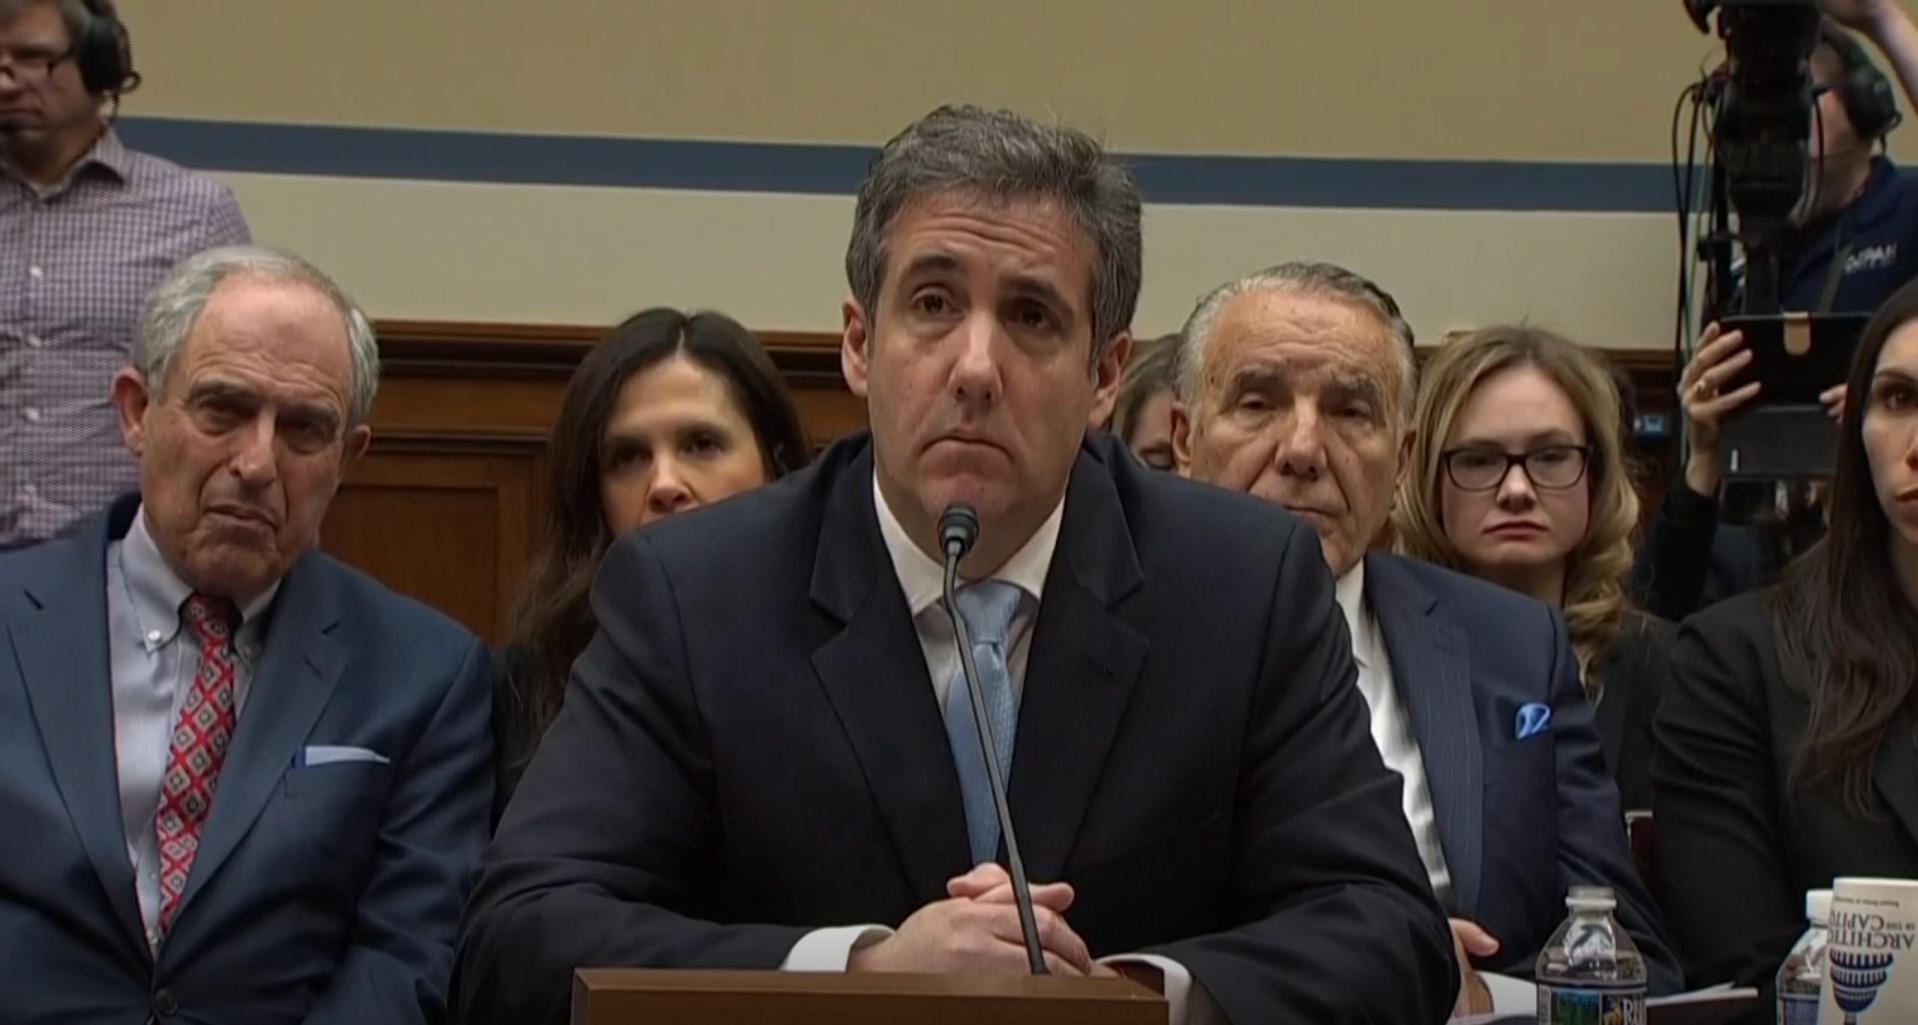 Michael Cohen, exabogado de Donald Trump, durante su comparecencia ante el Comité de Supervisión de la Cámara Baja. Foto: Tomada de internet.